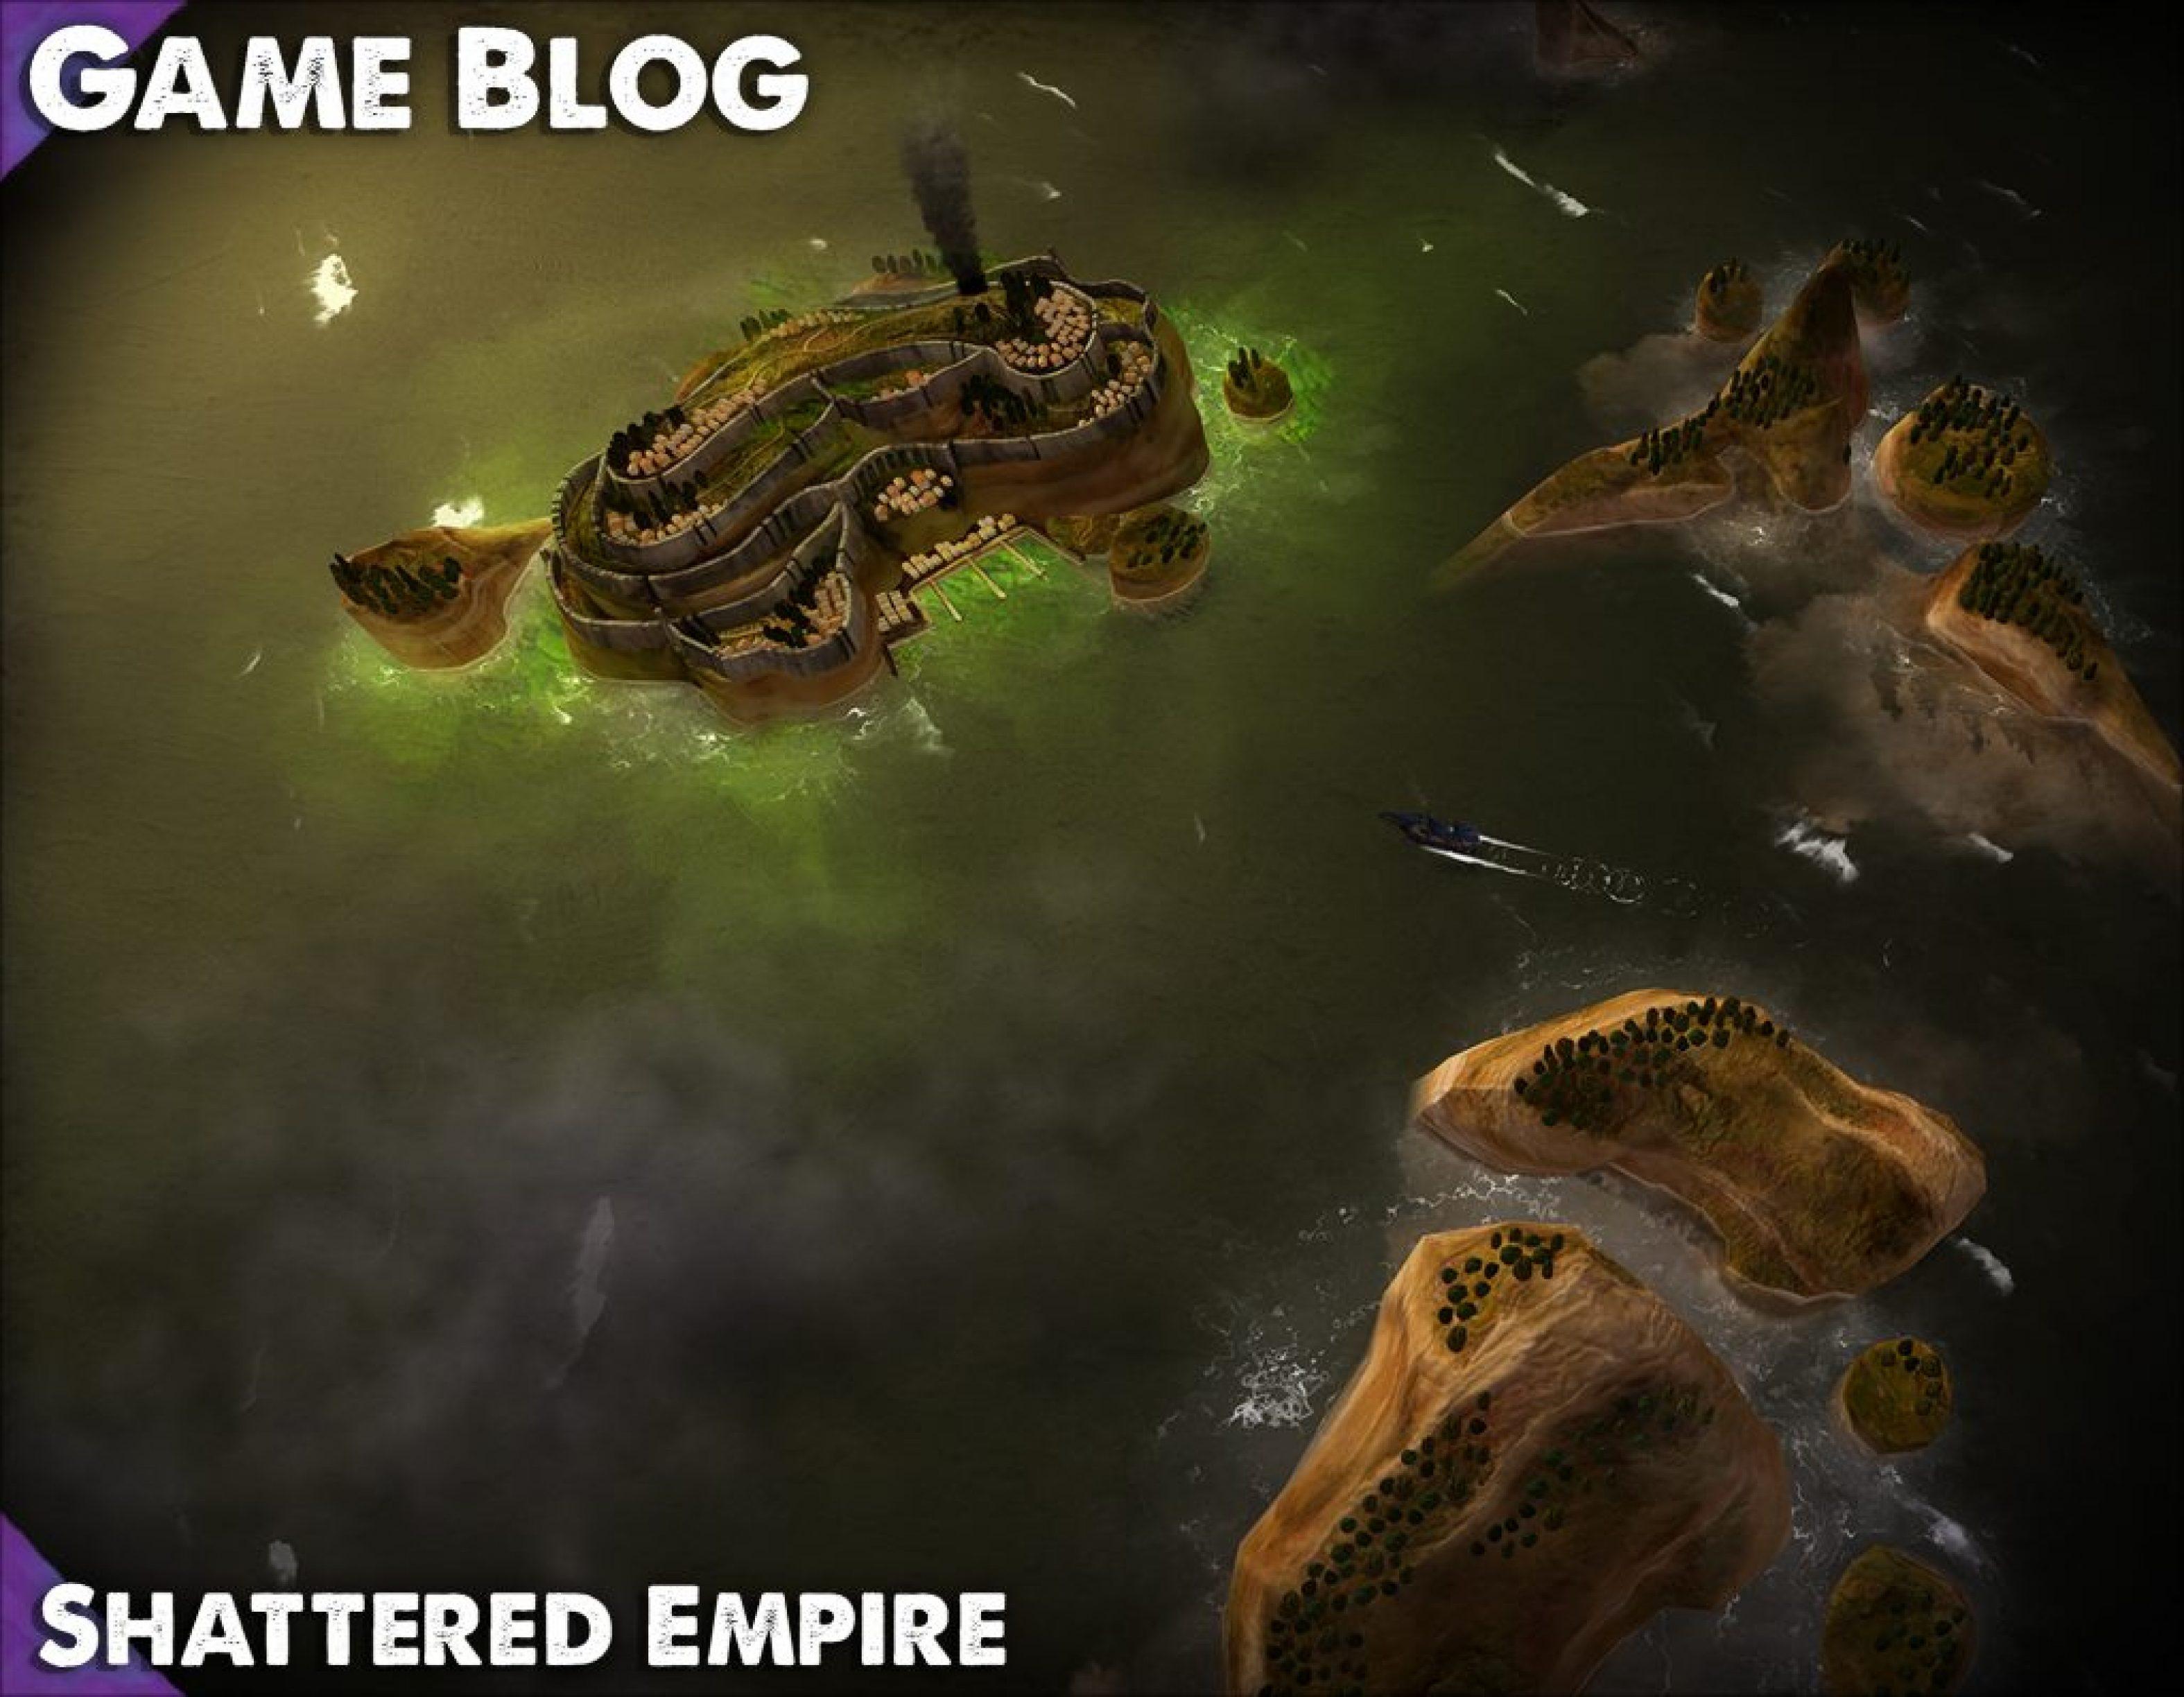 Blog_FeaturedImage_ShatteredEmpire